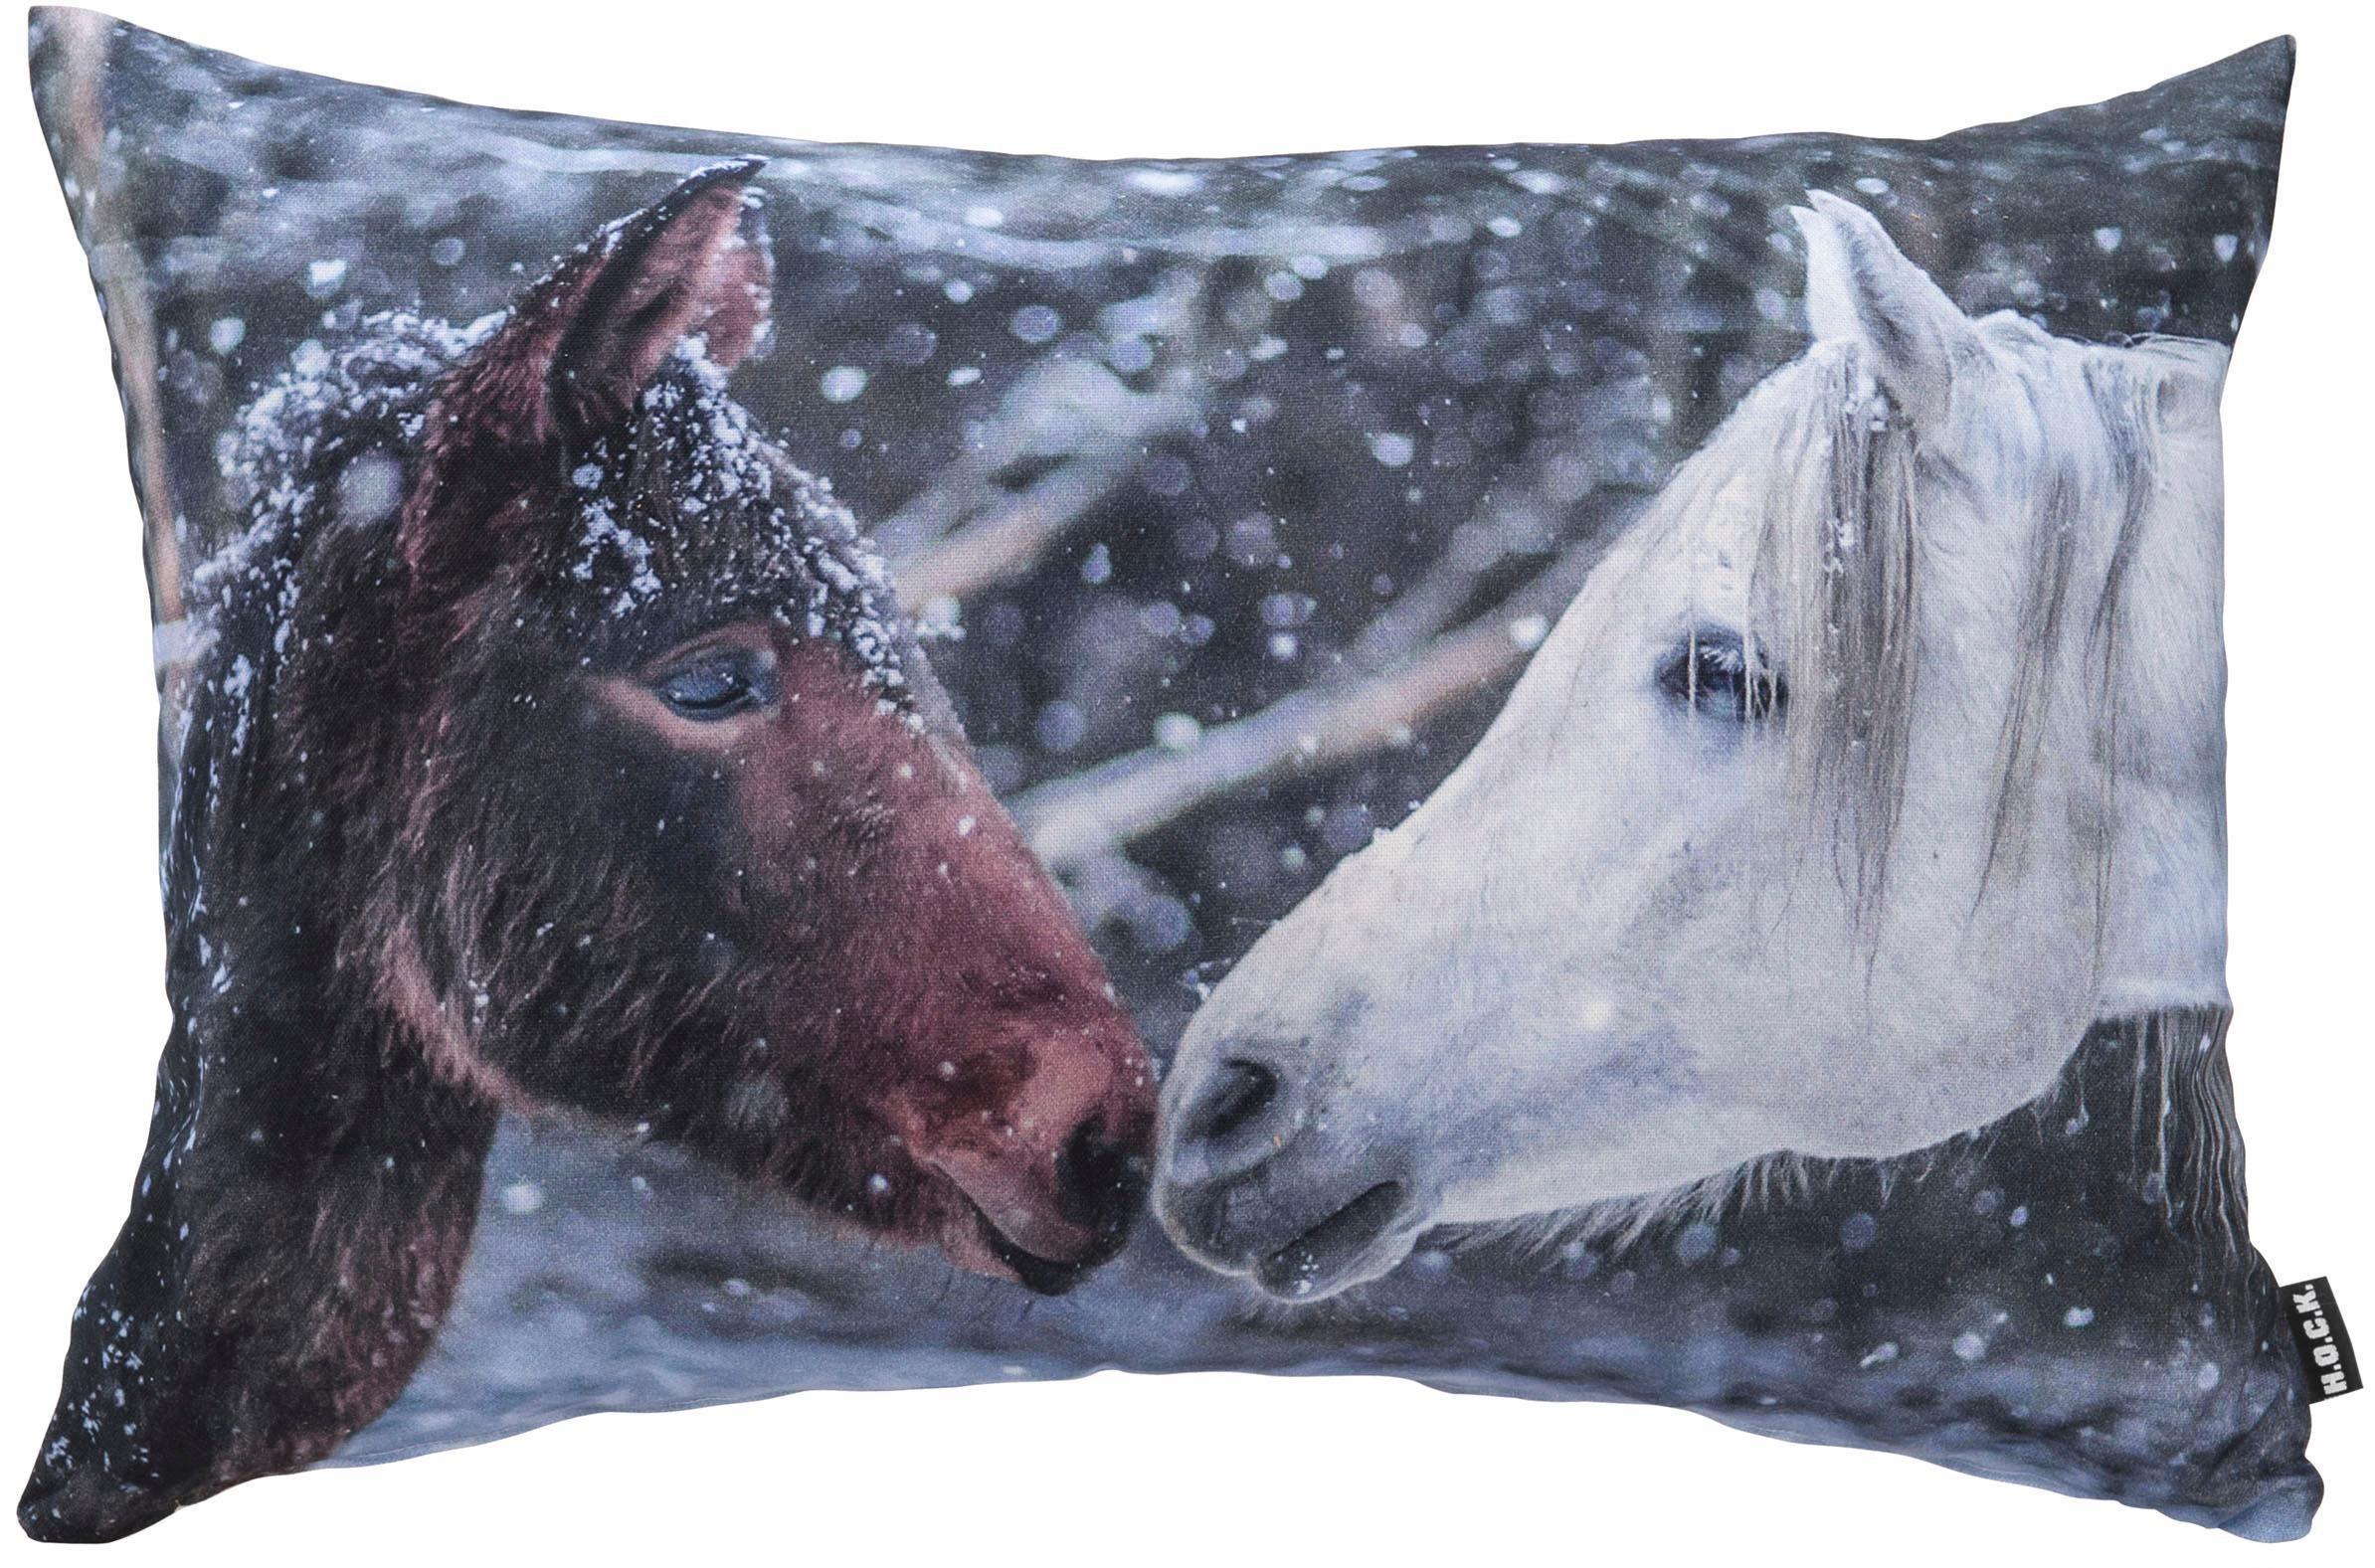 Hock Kissen mit Pferdemotiv